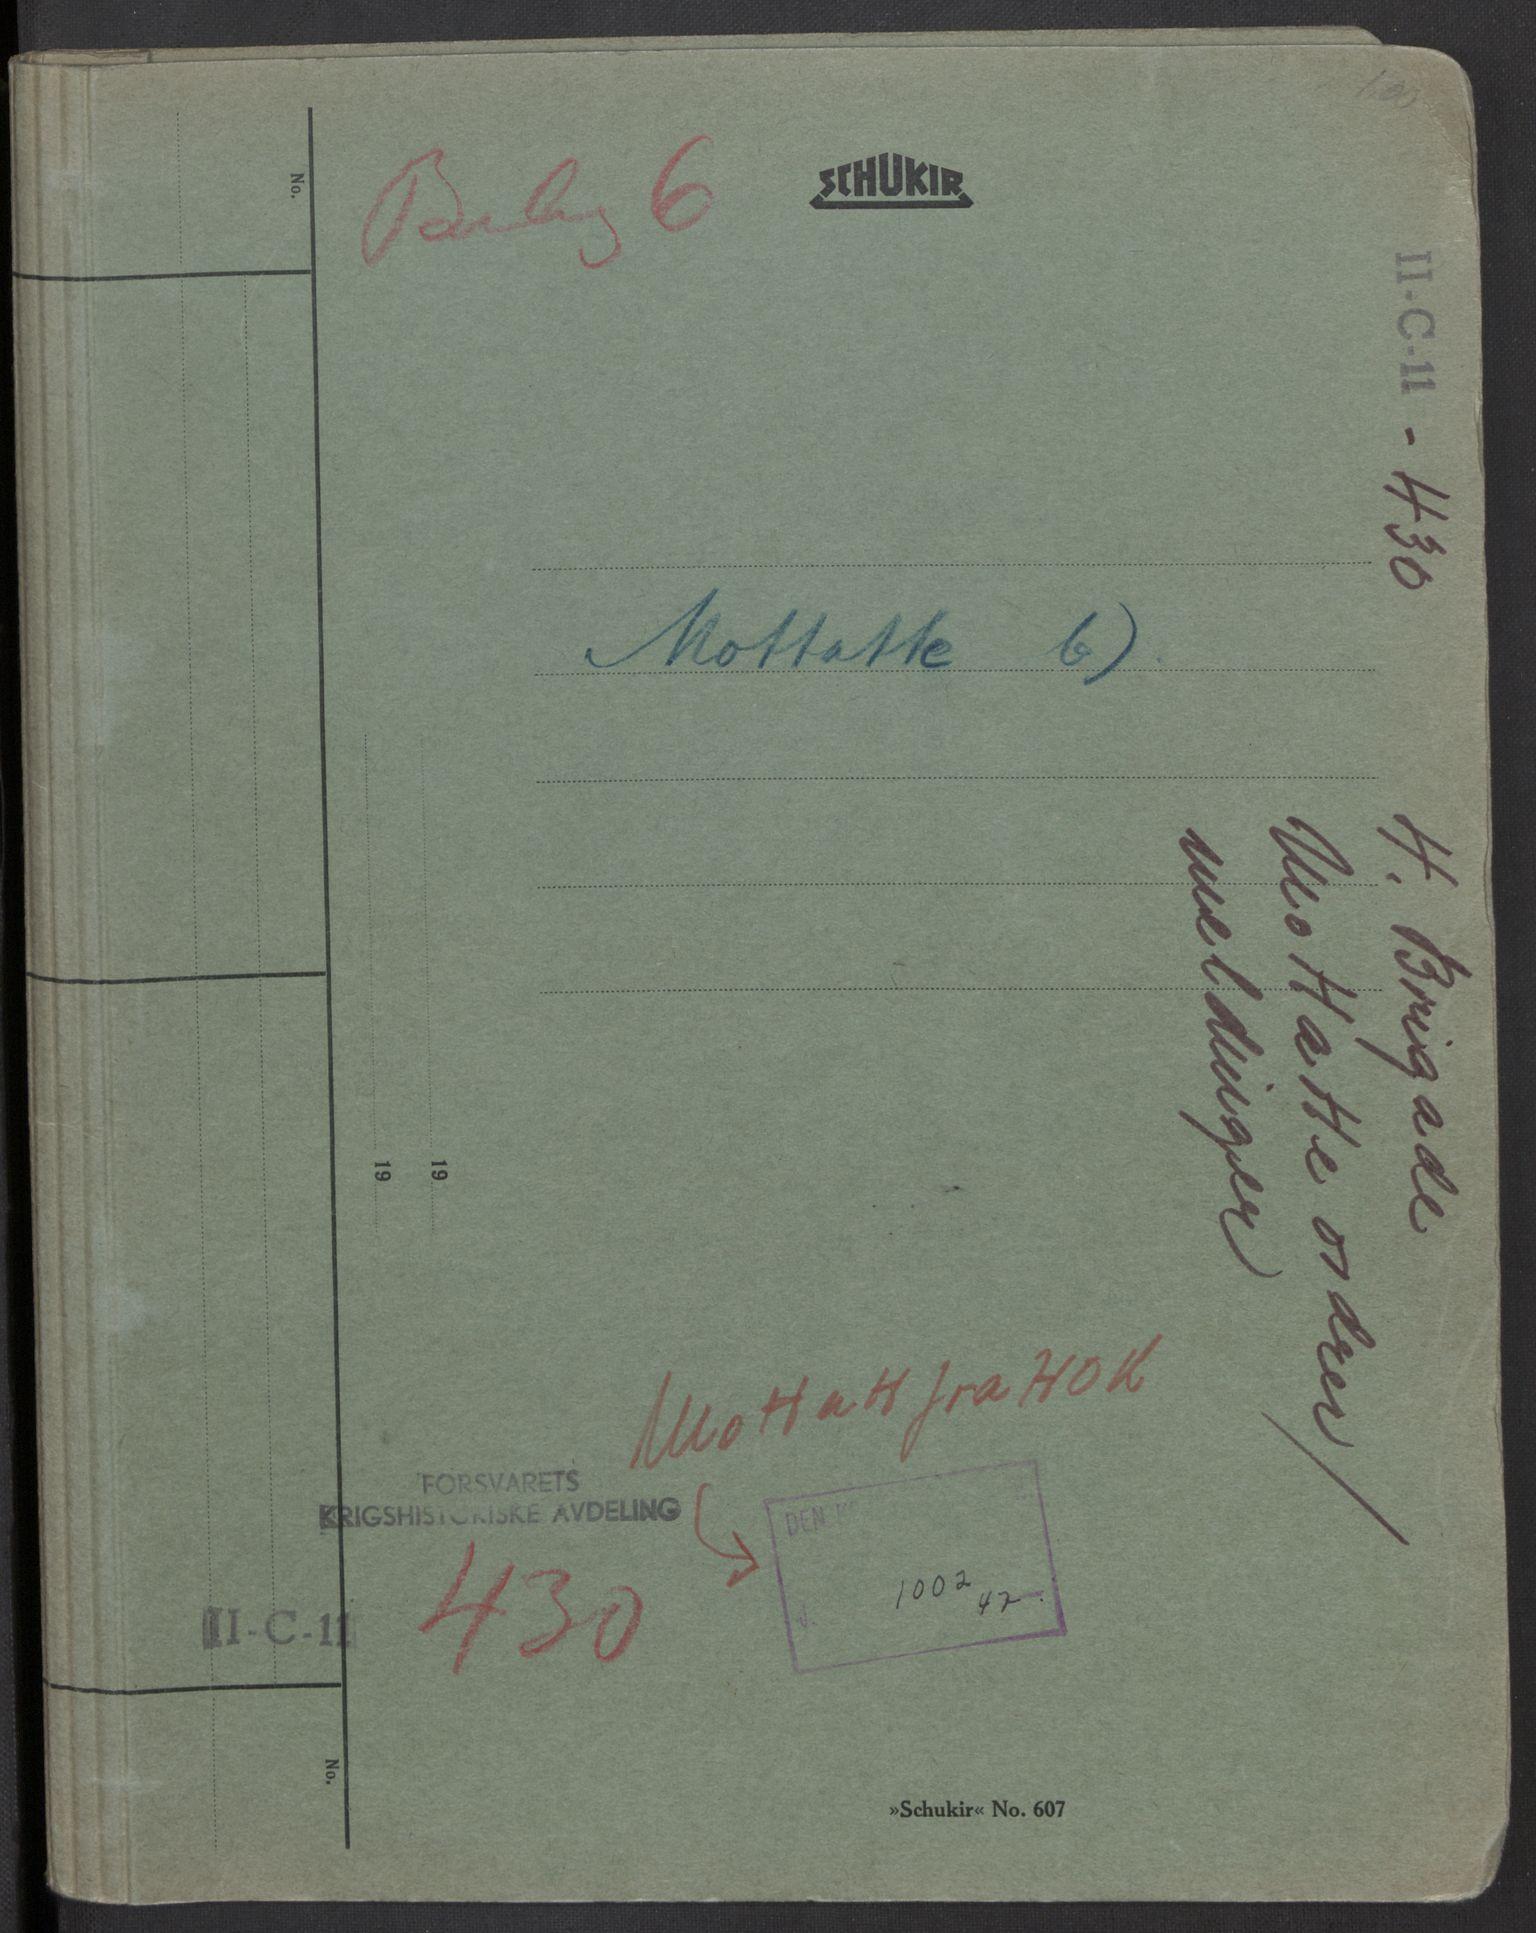 RA, Forsvaret, Forsvarets krigshistoriske avdeling, Y/Yb/L0104: II-C-11-430  -  4. Divisjon., 1940, p. 329